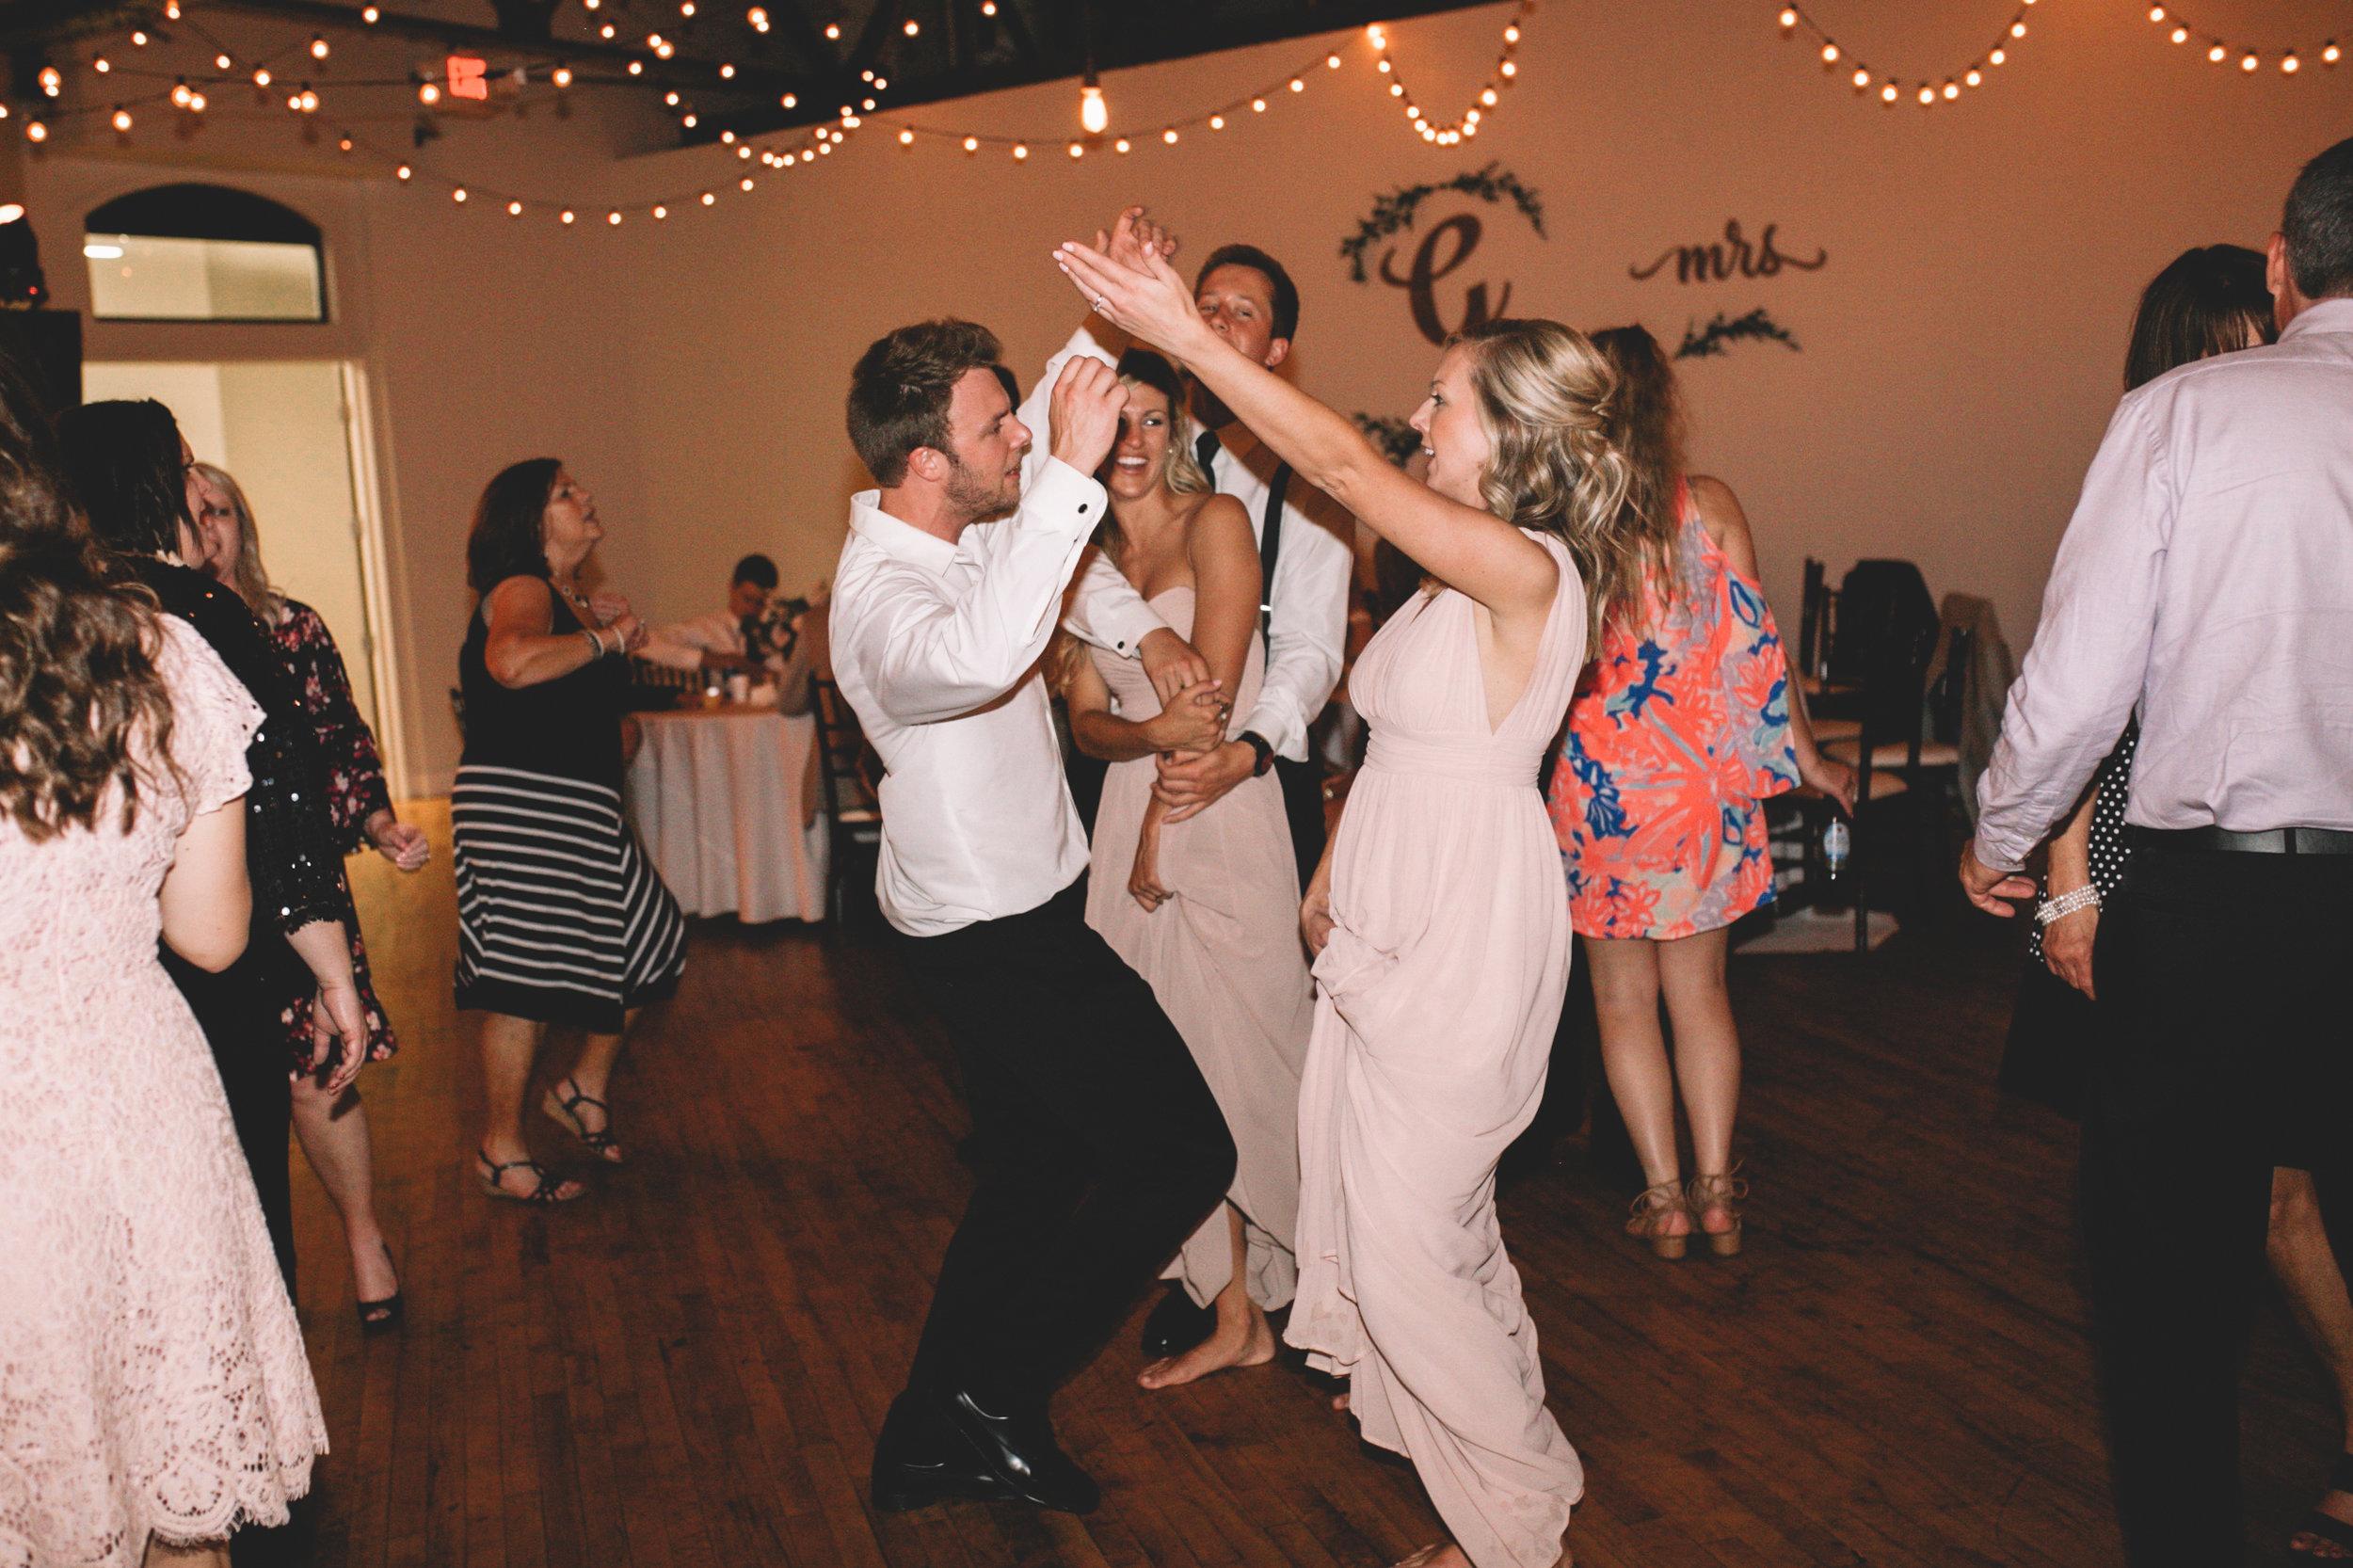 Mitch + Elizabeth The Pointe Wedding Louisville KY  (959 of 1023).jpg